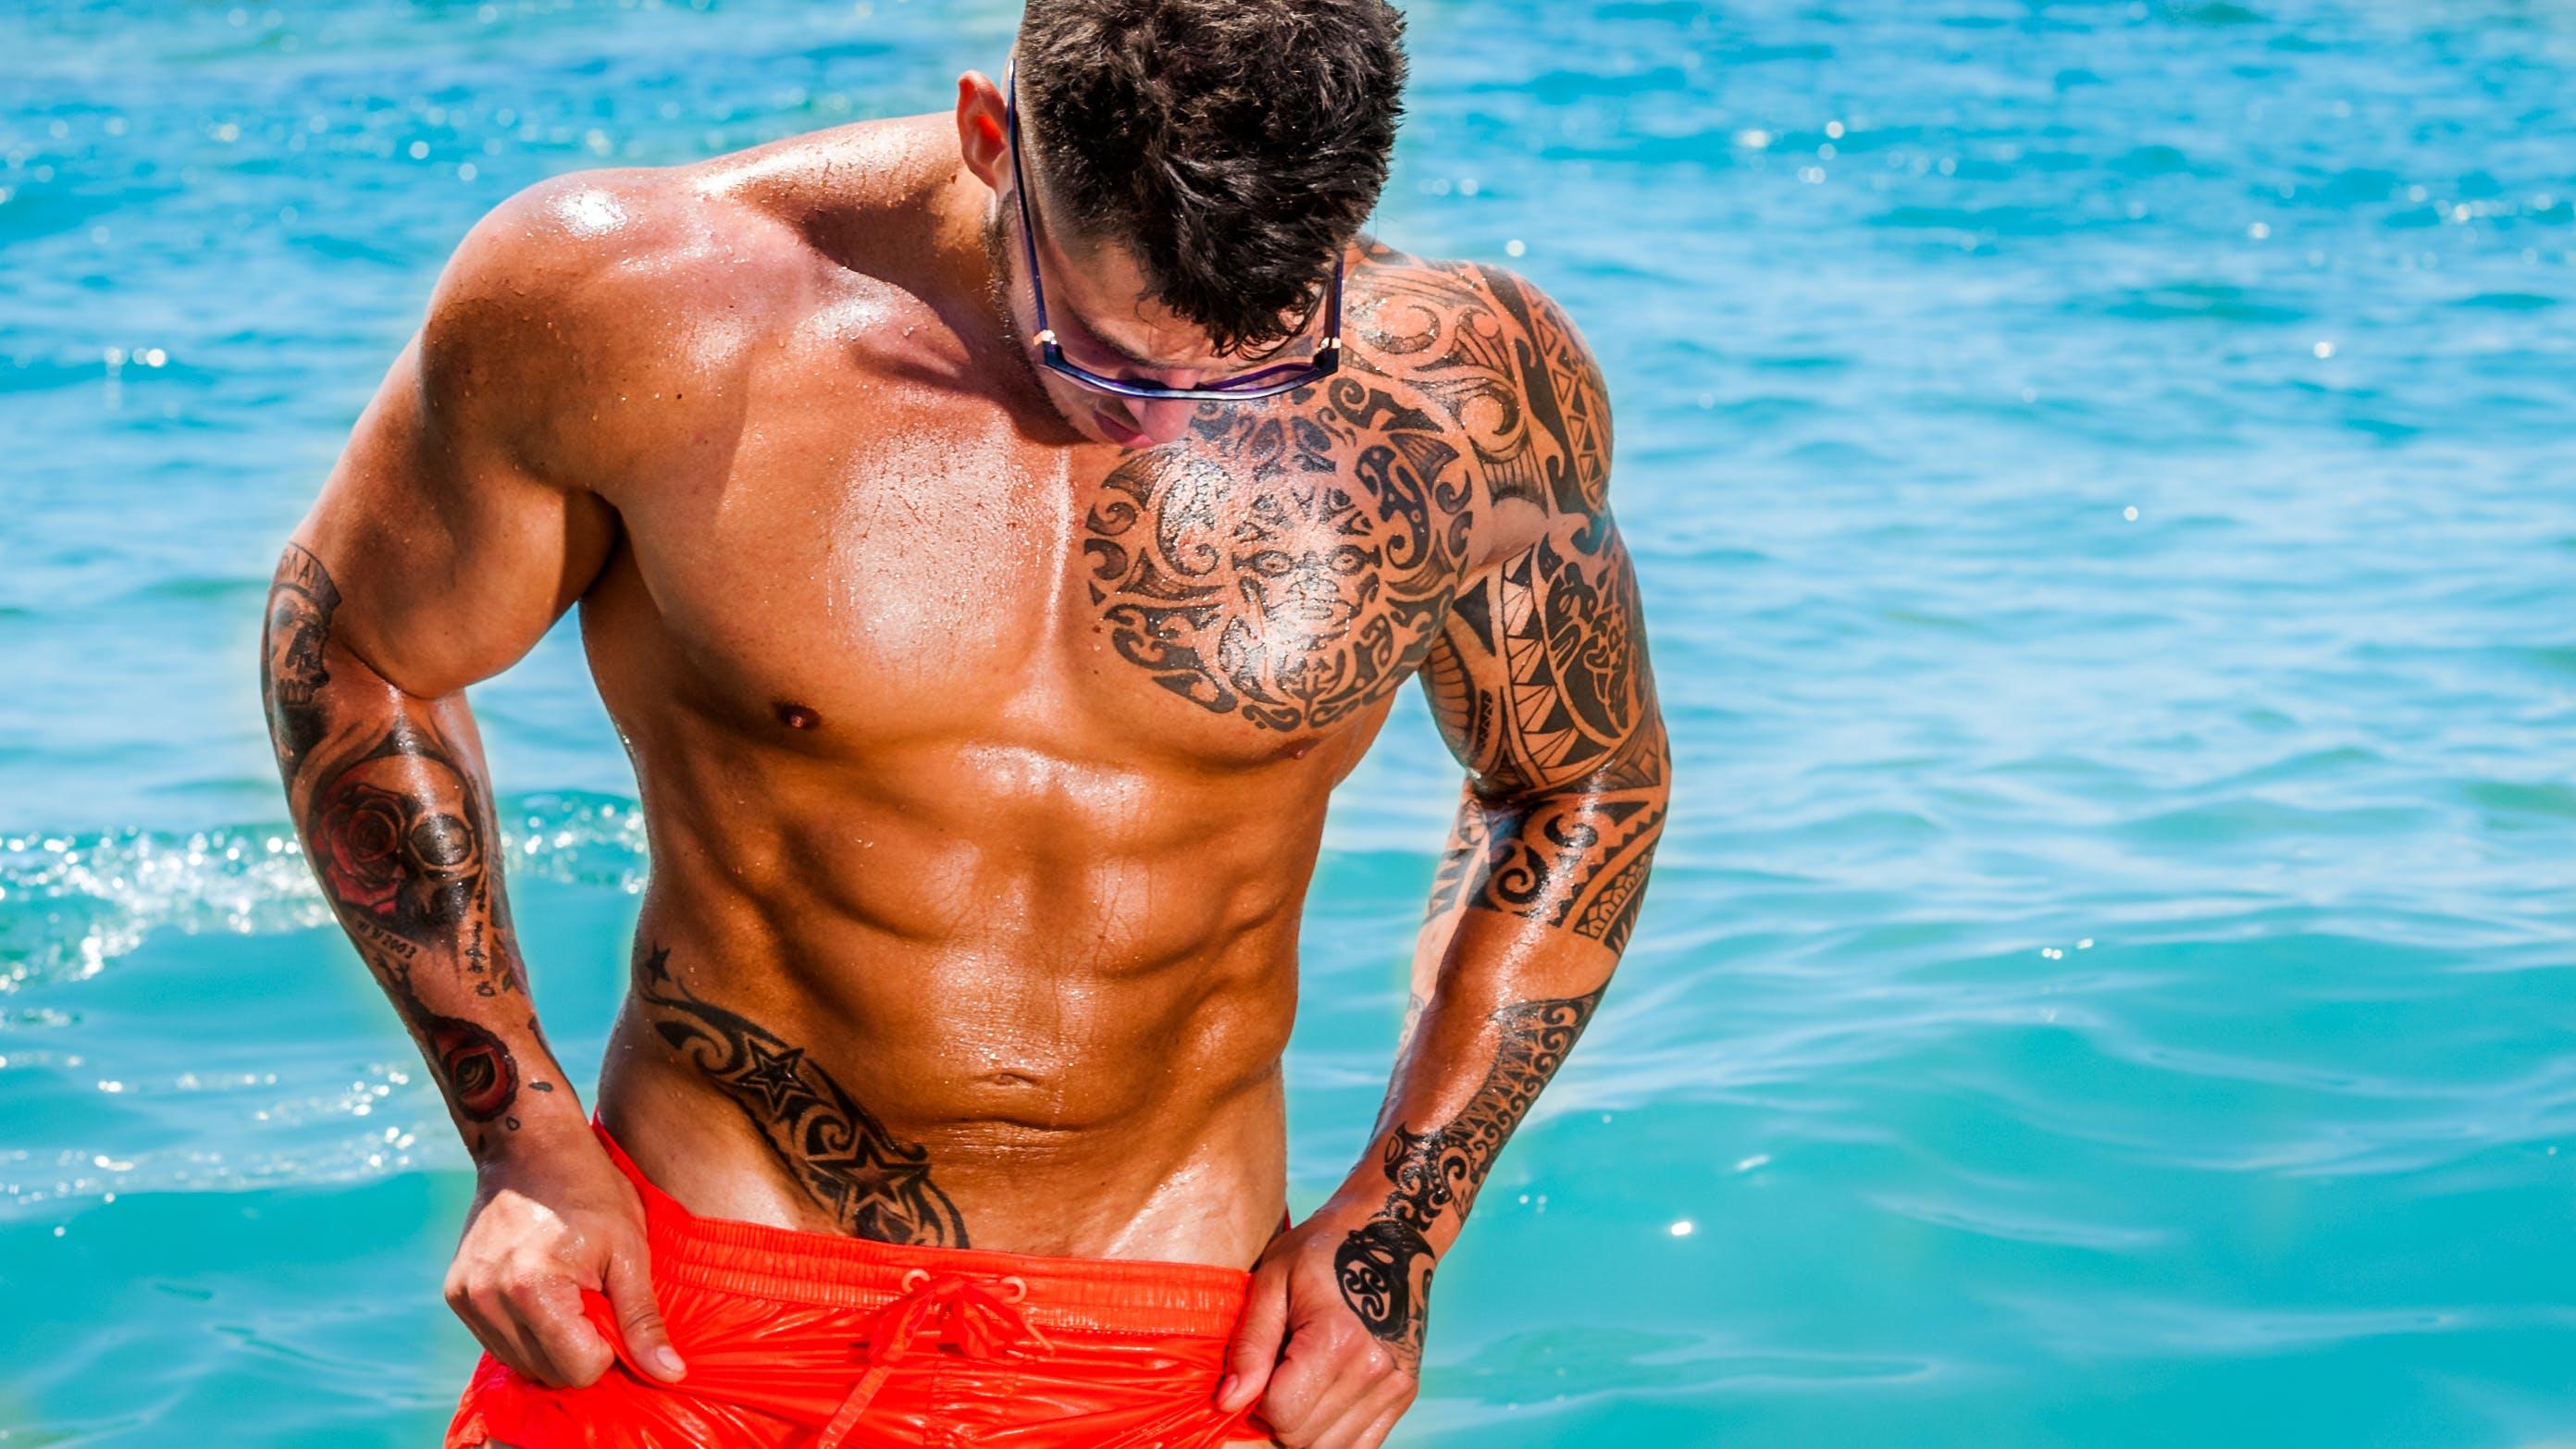 Δωρεάν στοκ φωτογραφιών με bodybuilder, άνδρας, άνθρωπος, αρσενικός